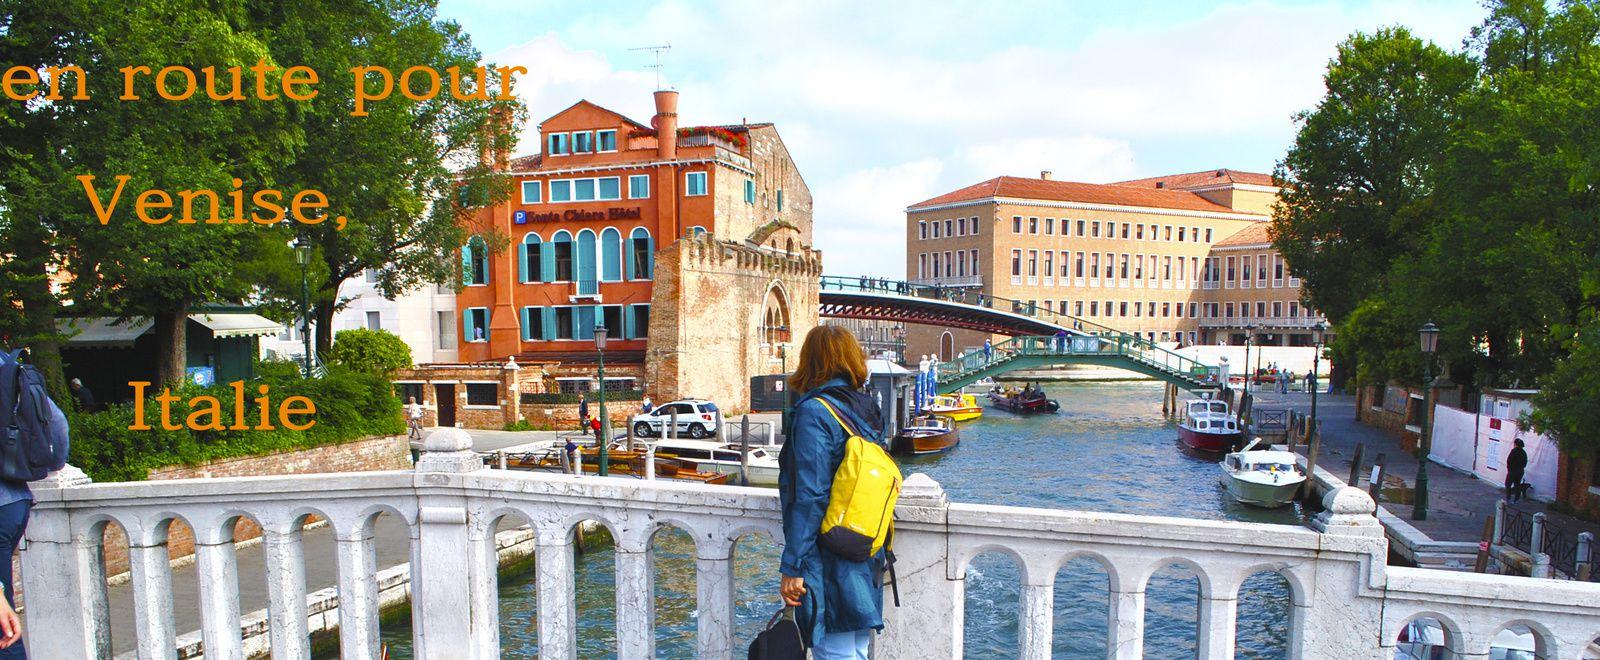 ... en route pour Venise, Italie